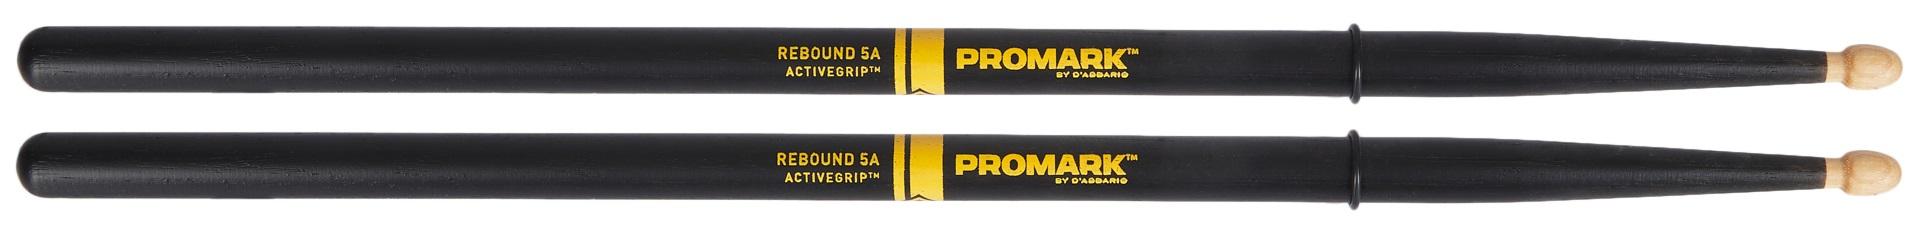 ProMark Rebound 5A Active Grip Acorn